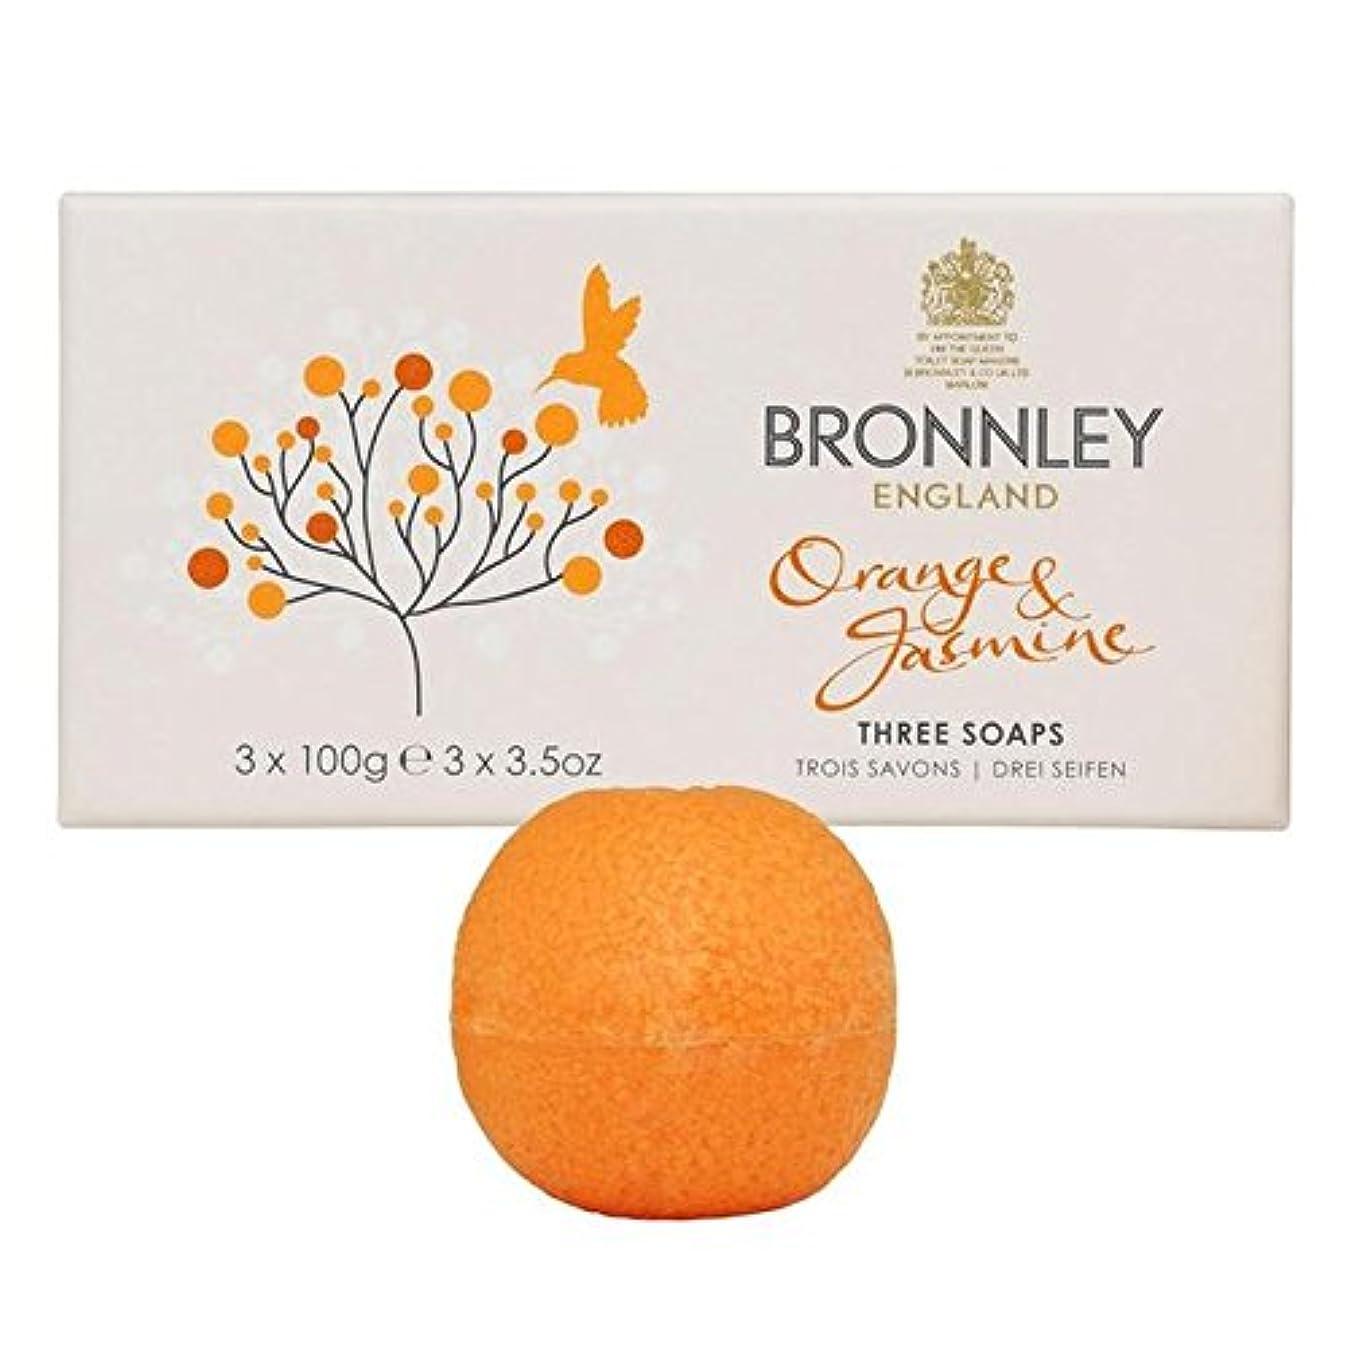 啓発するケントエレガントBronnley Orange & Jasmine Soaps 3 x 100g - オレンジ&ジャスミン石鹸3×100グラム [並行輸入品]